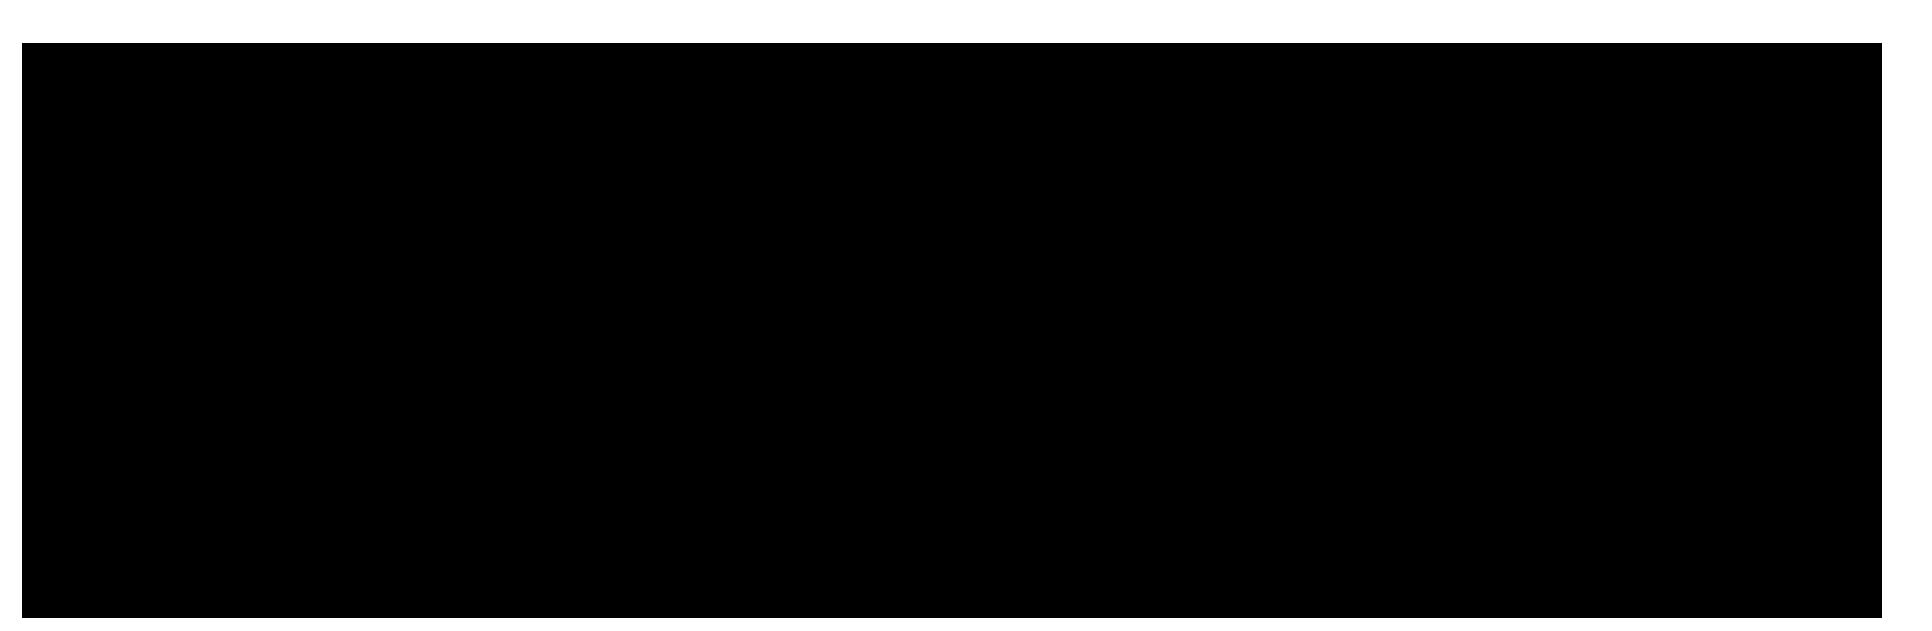 Aopen